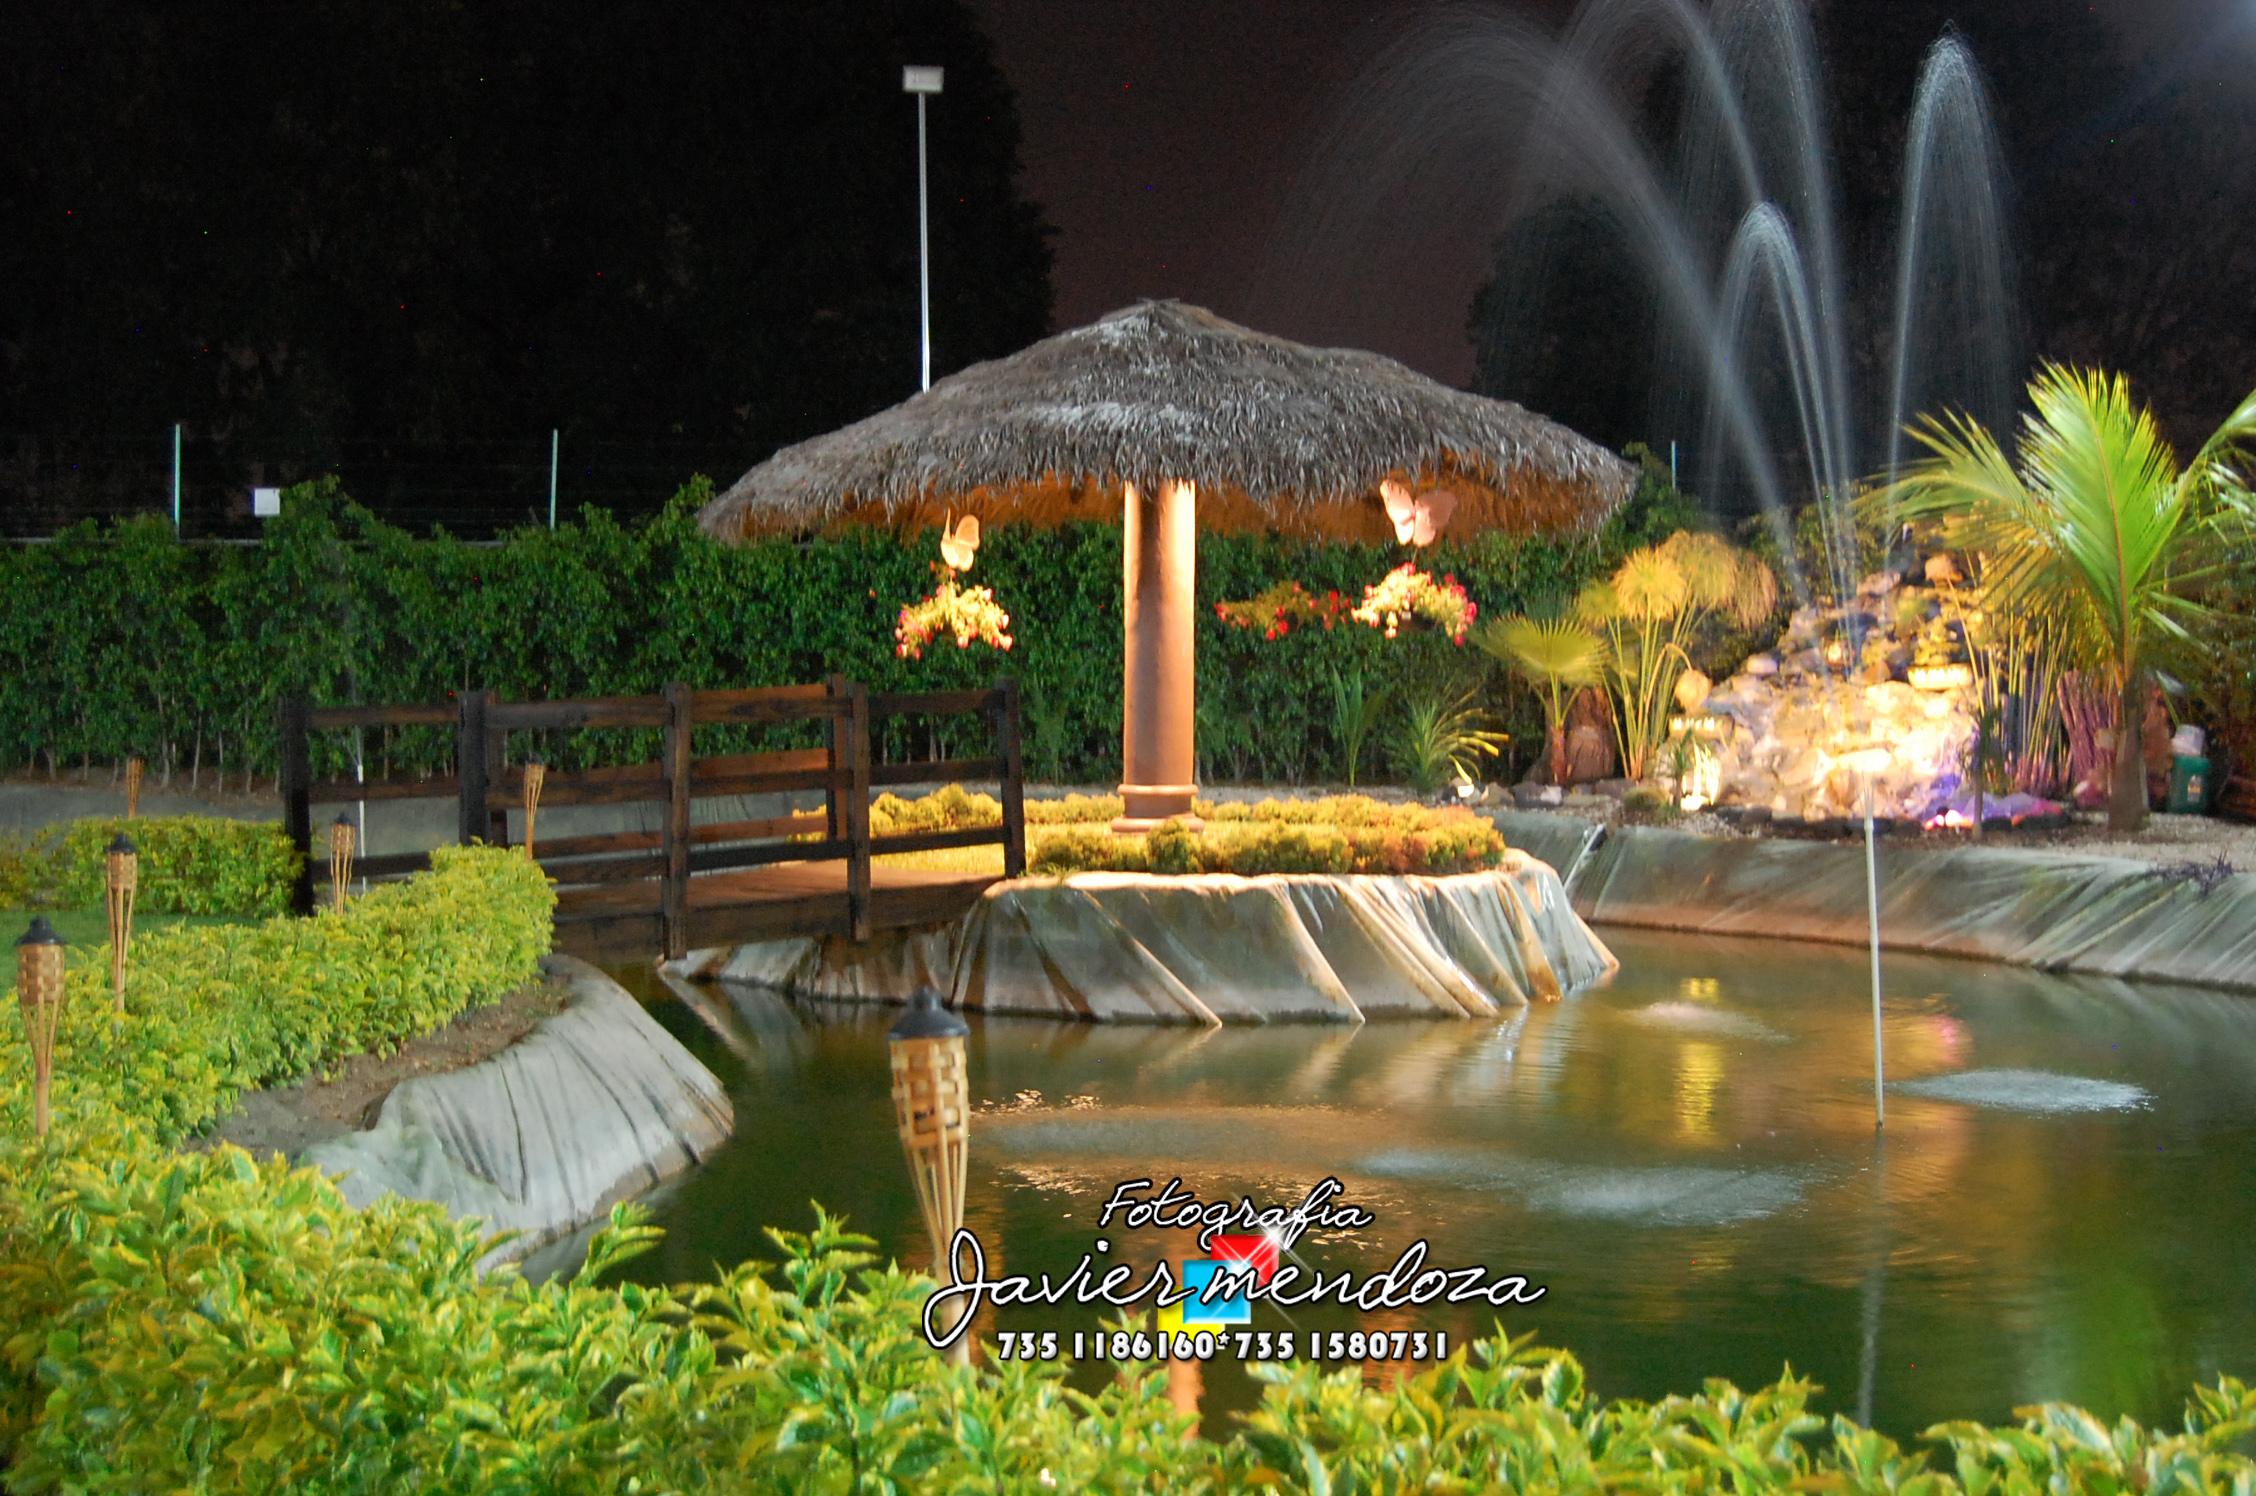 Salon jardin el lago de los sue os cuautla morelos for Jardin xochicalli cuautla